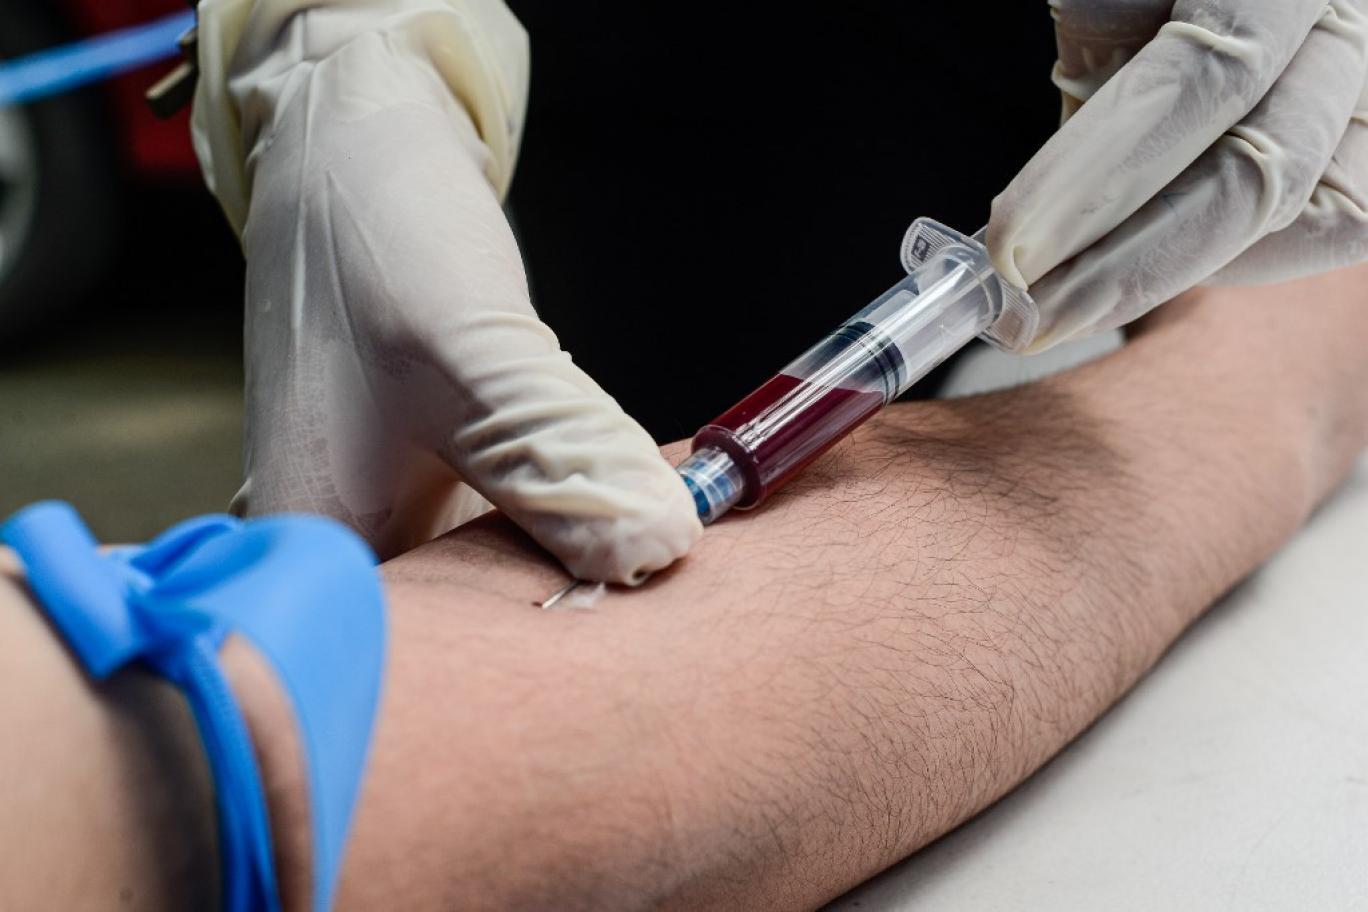 افراد مبتلا به نفروپاتی دیابتی